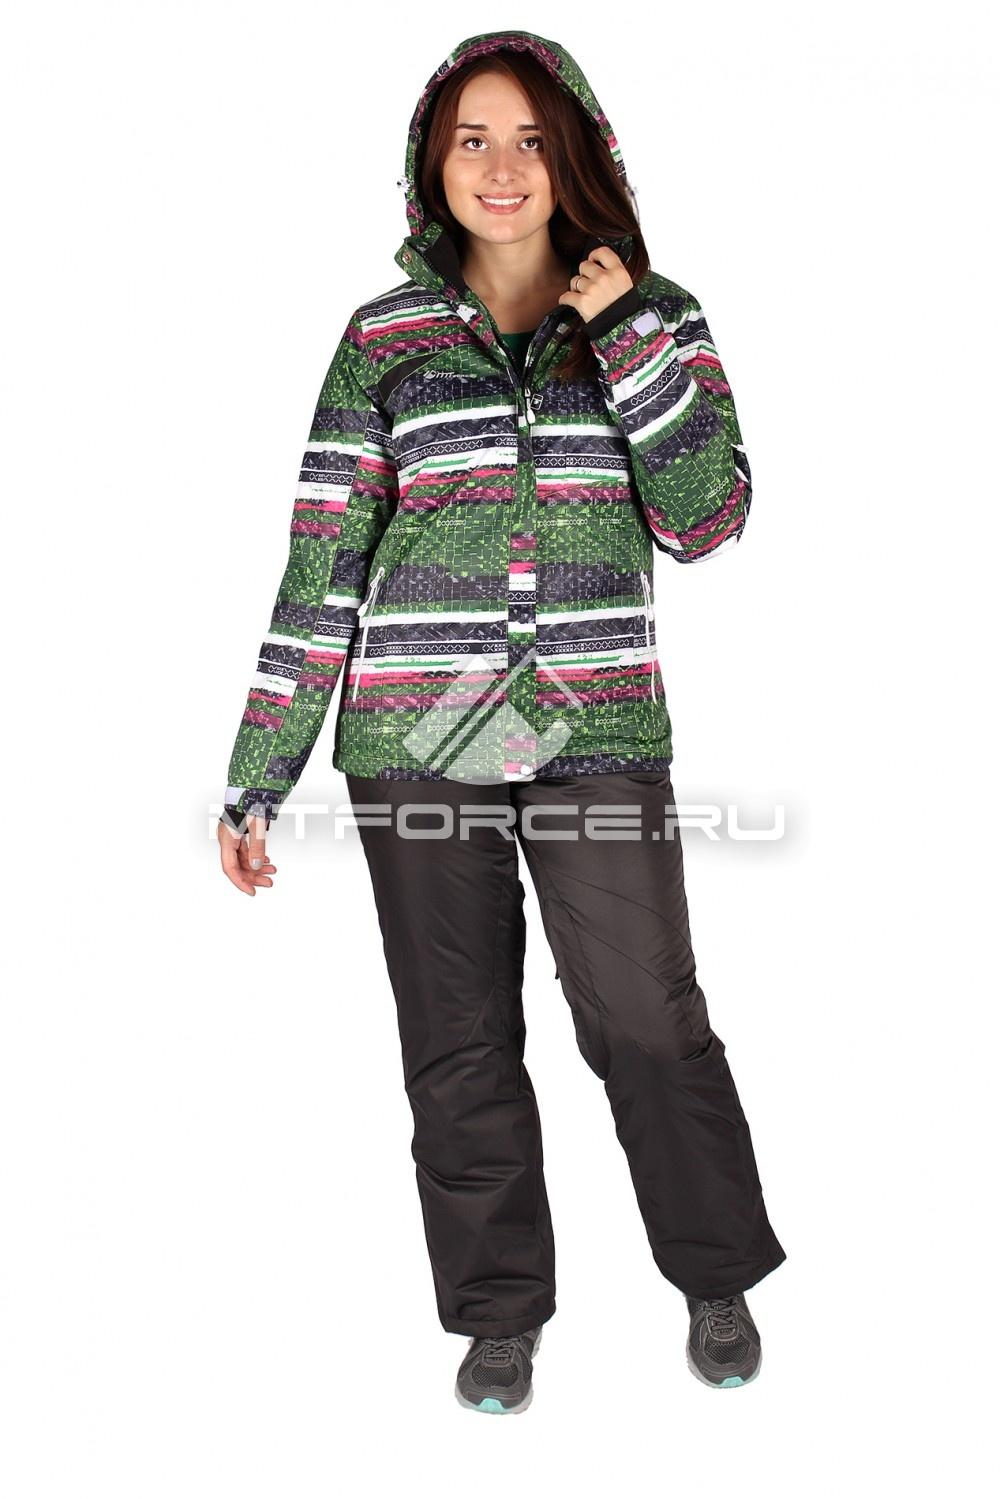 Купить костюм для лыж женский